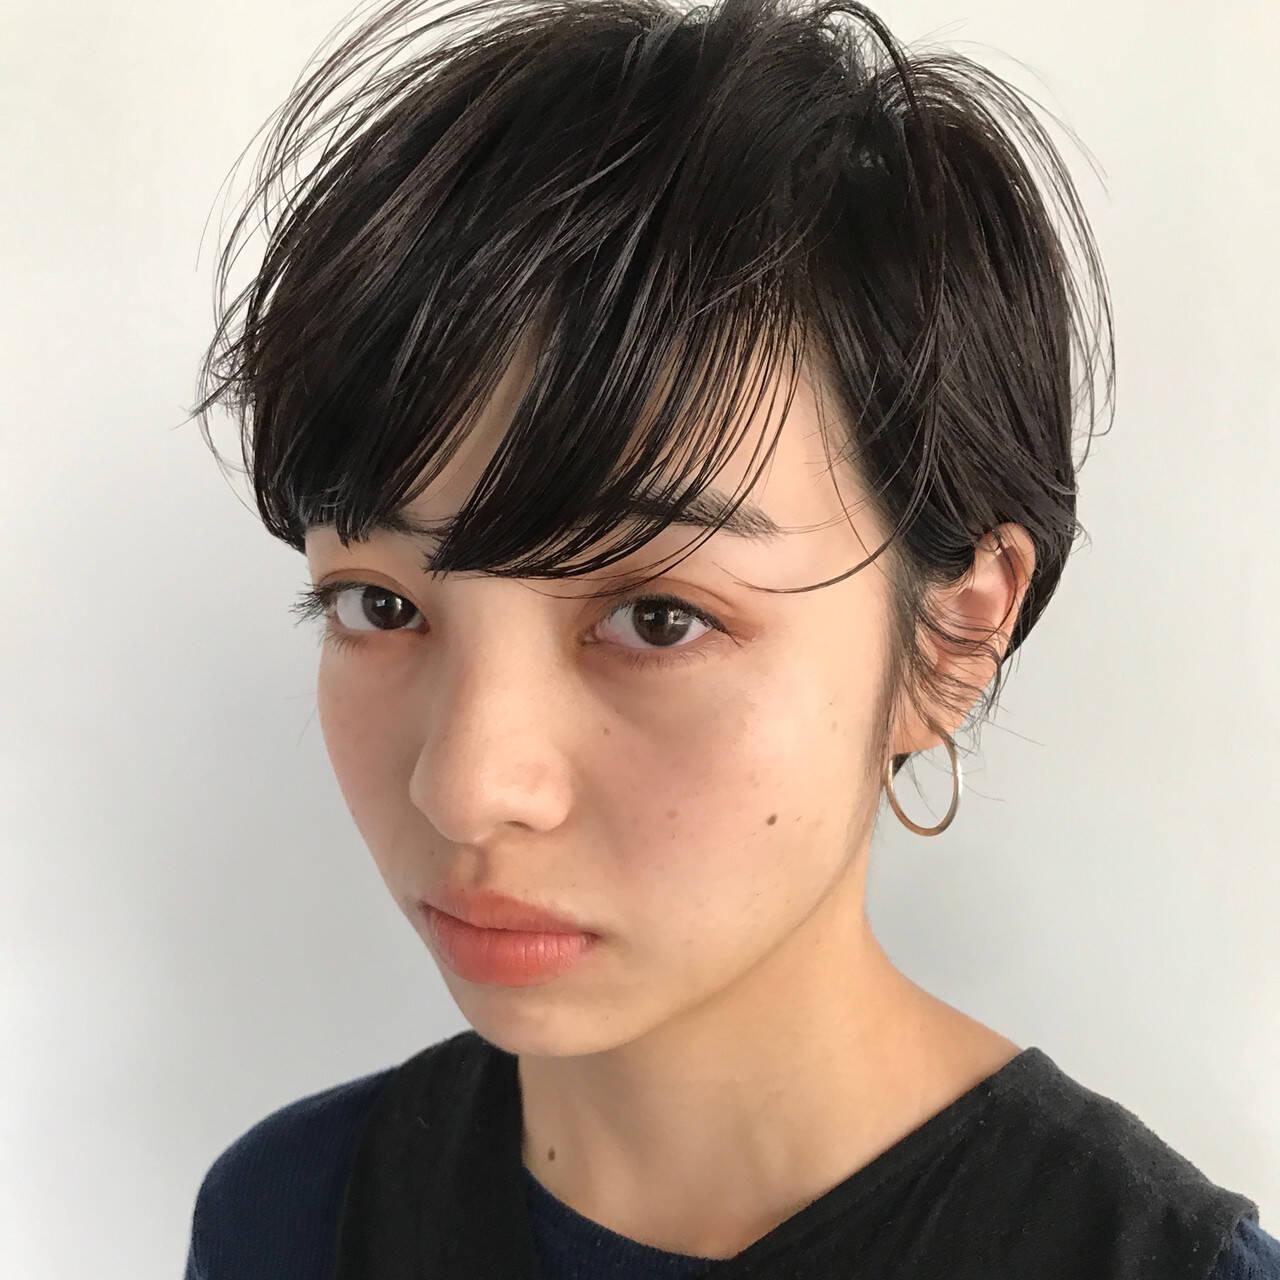 ナチュラル 前髪パーマ 前髪 ショートヘアスタイルや髪型の写真・画像